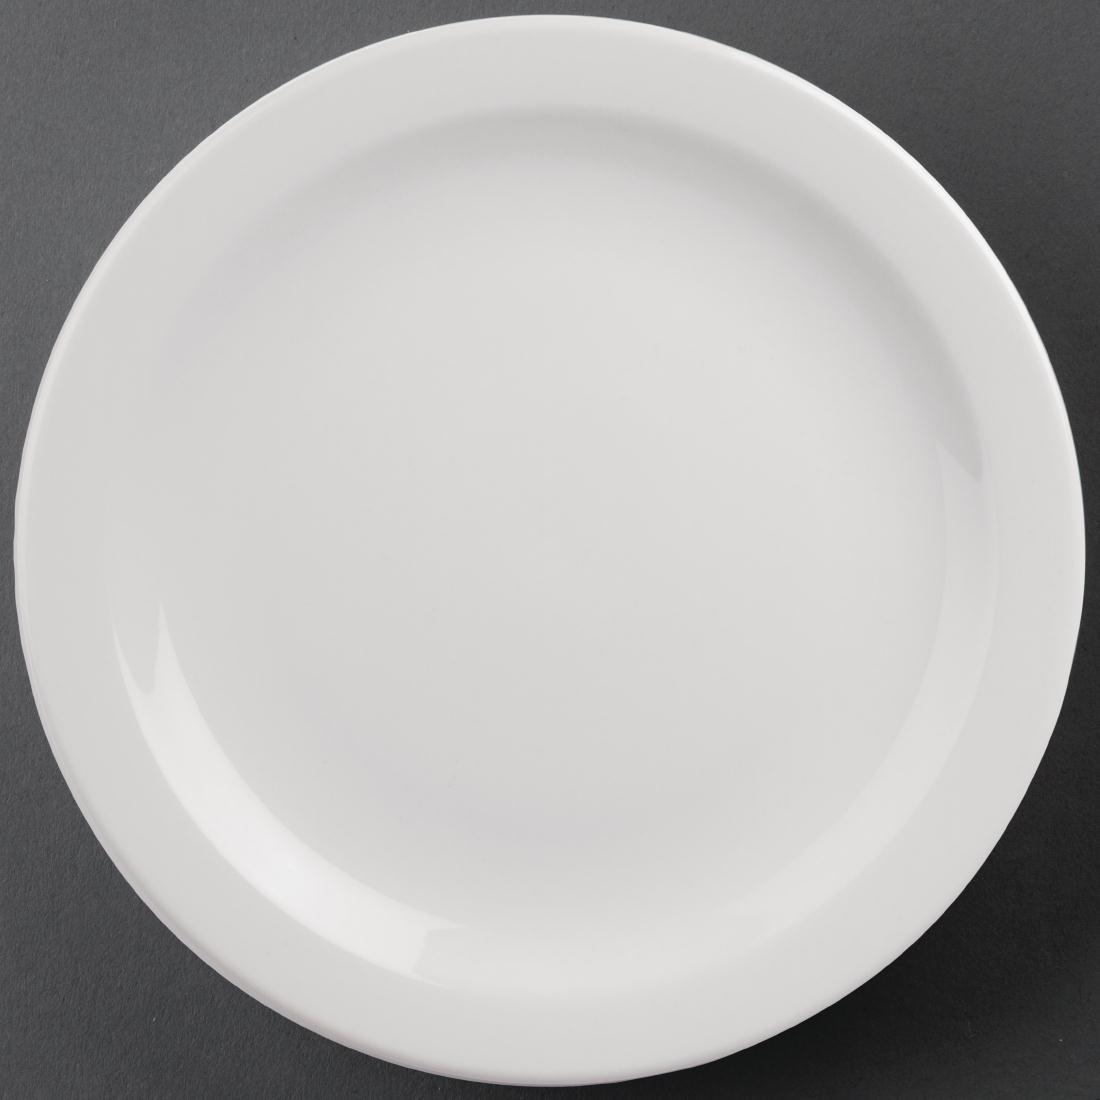 Juego de 6 platos llanos de borde estrecho blancos Athena Hotelware CF365